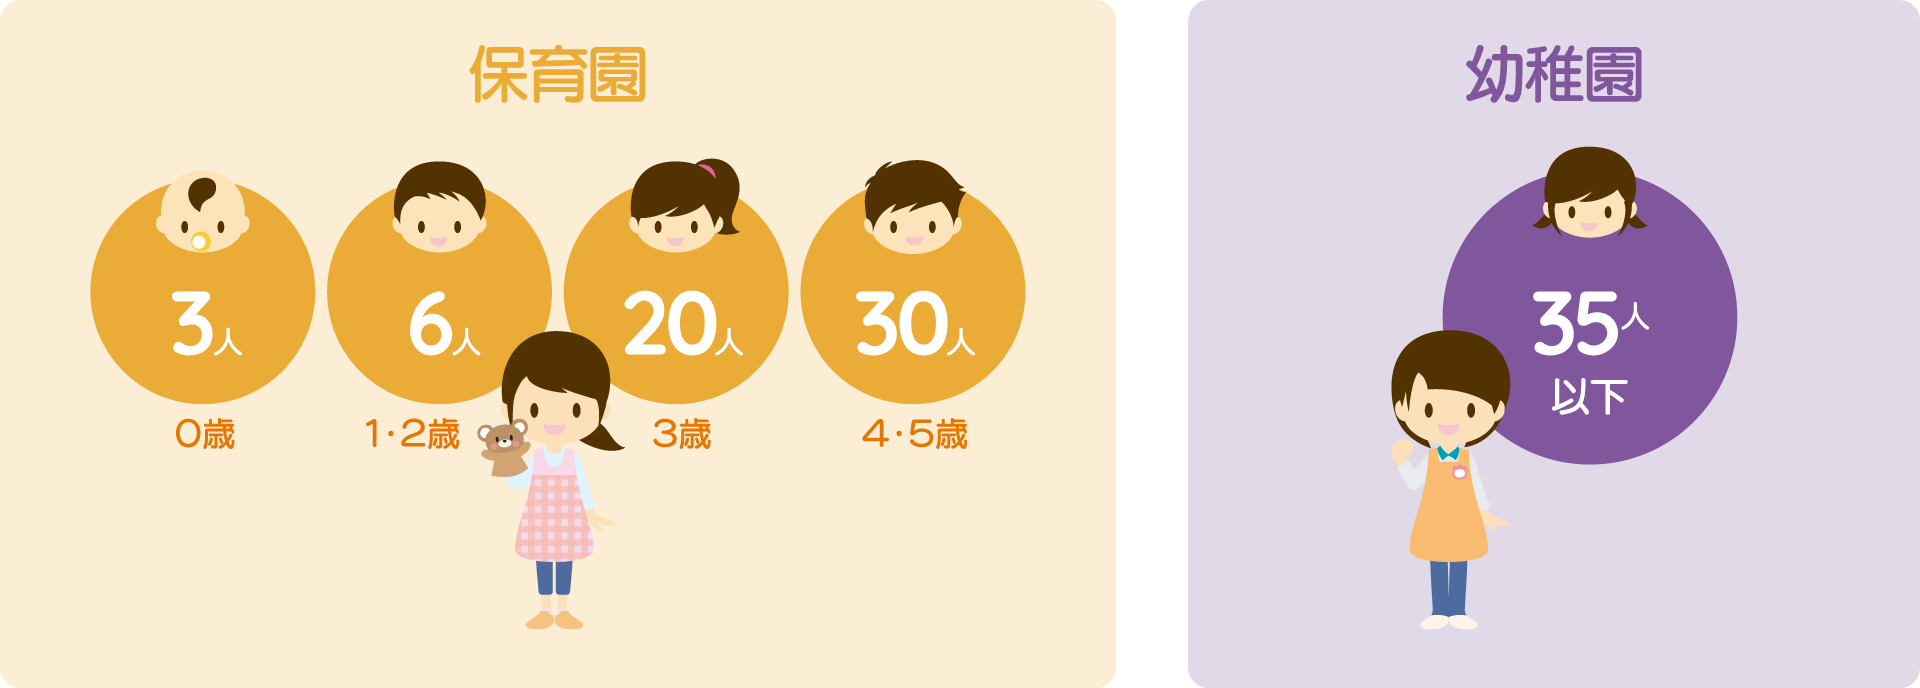 保育士と幼稚園教諭1名あたりの配置人数の説明図